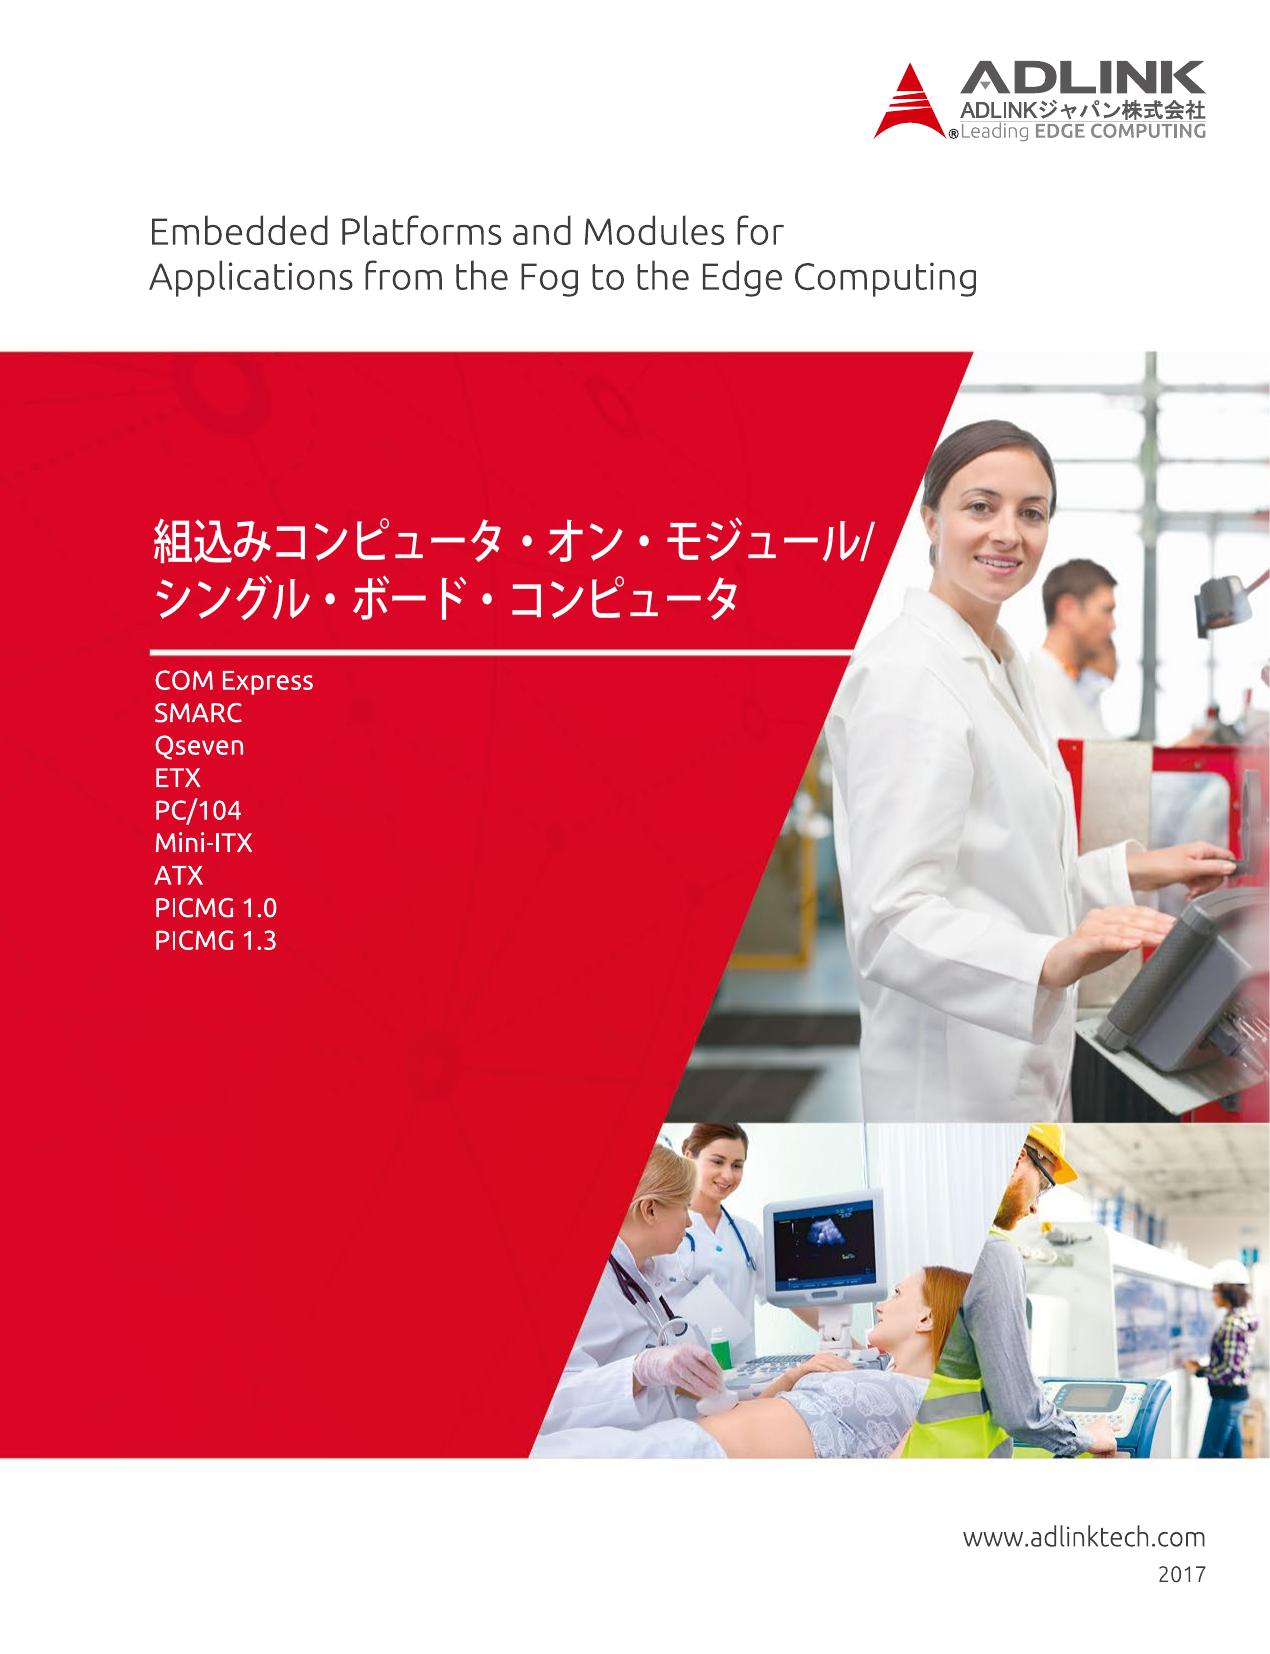 組込みコンピュータ・オン・モジュール/シングル・ボード・コンピュータ 総合カタログ